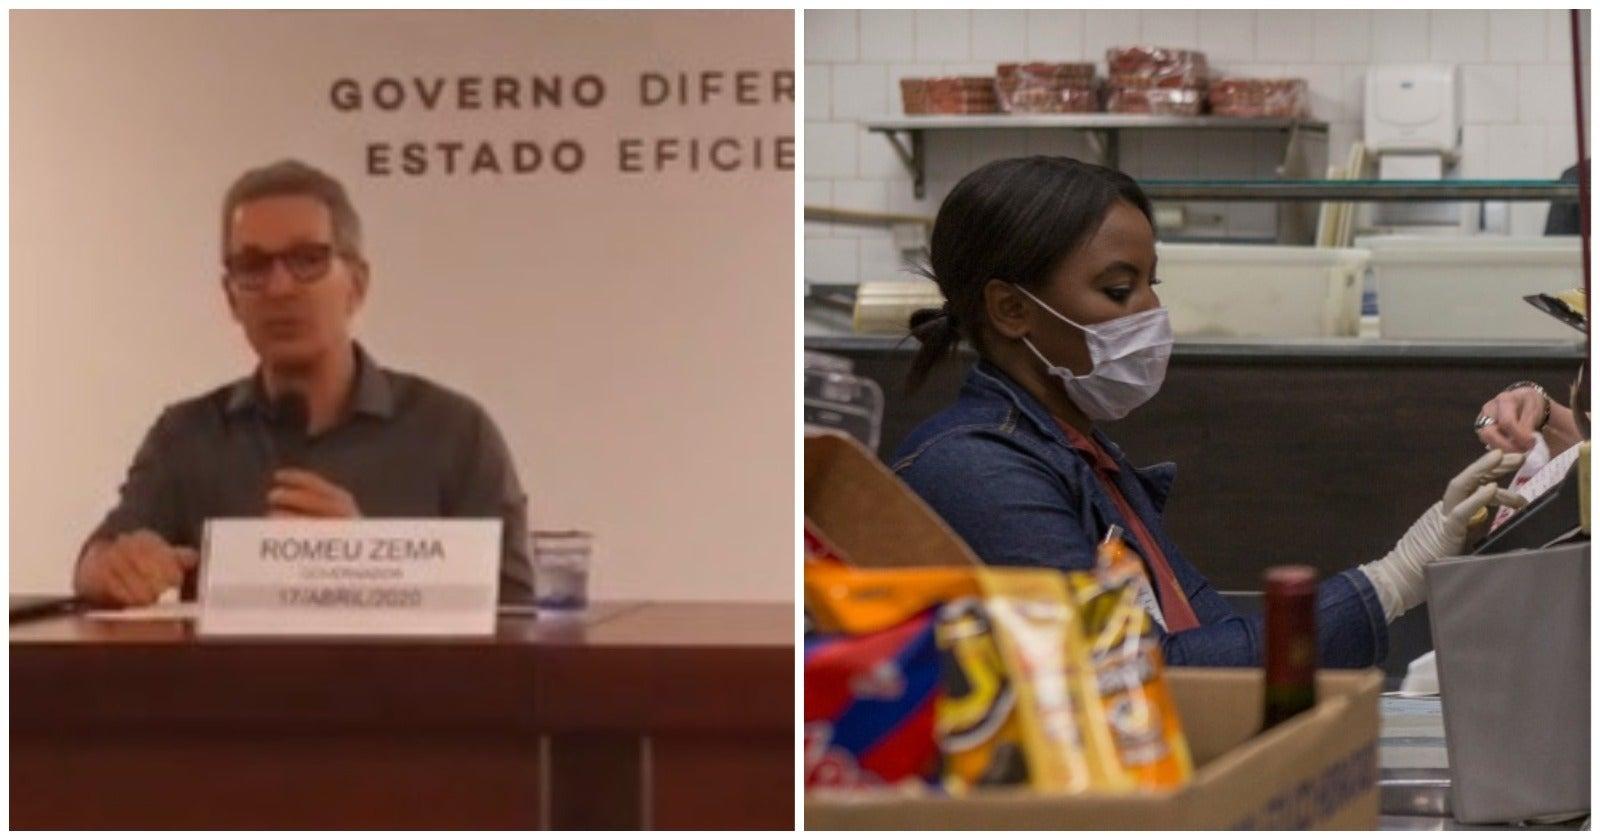 Zema assina lei que obriga uso de máscaras em todo o estado e diz que pior já passou